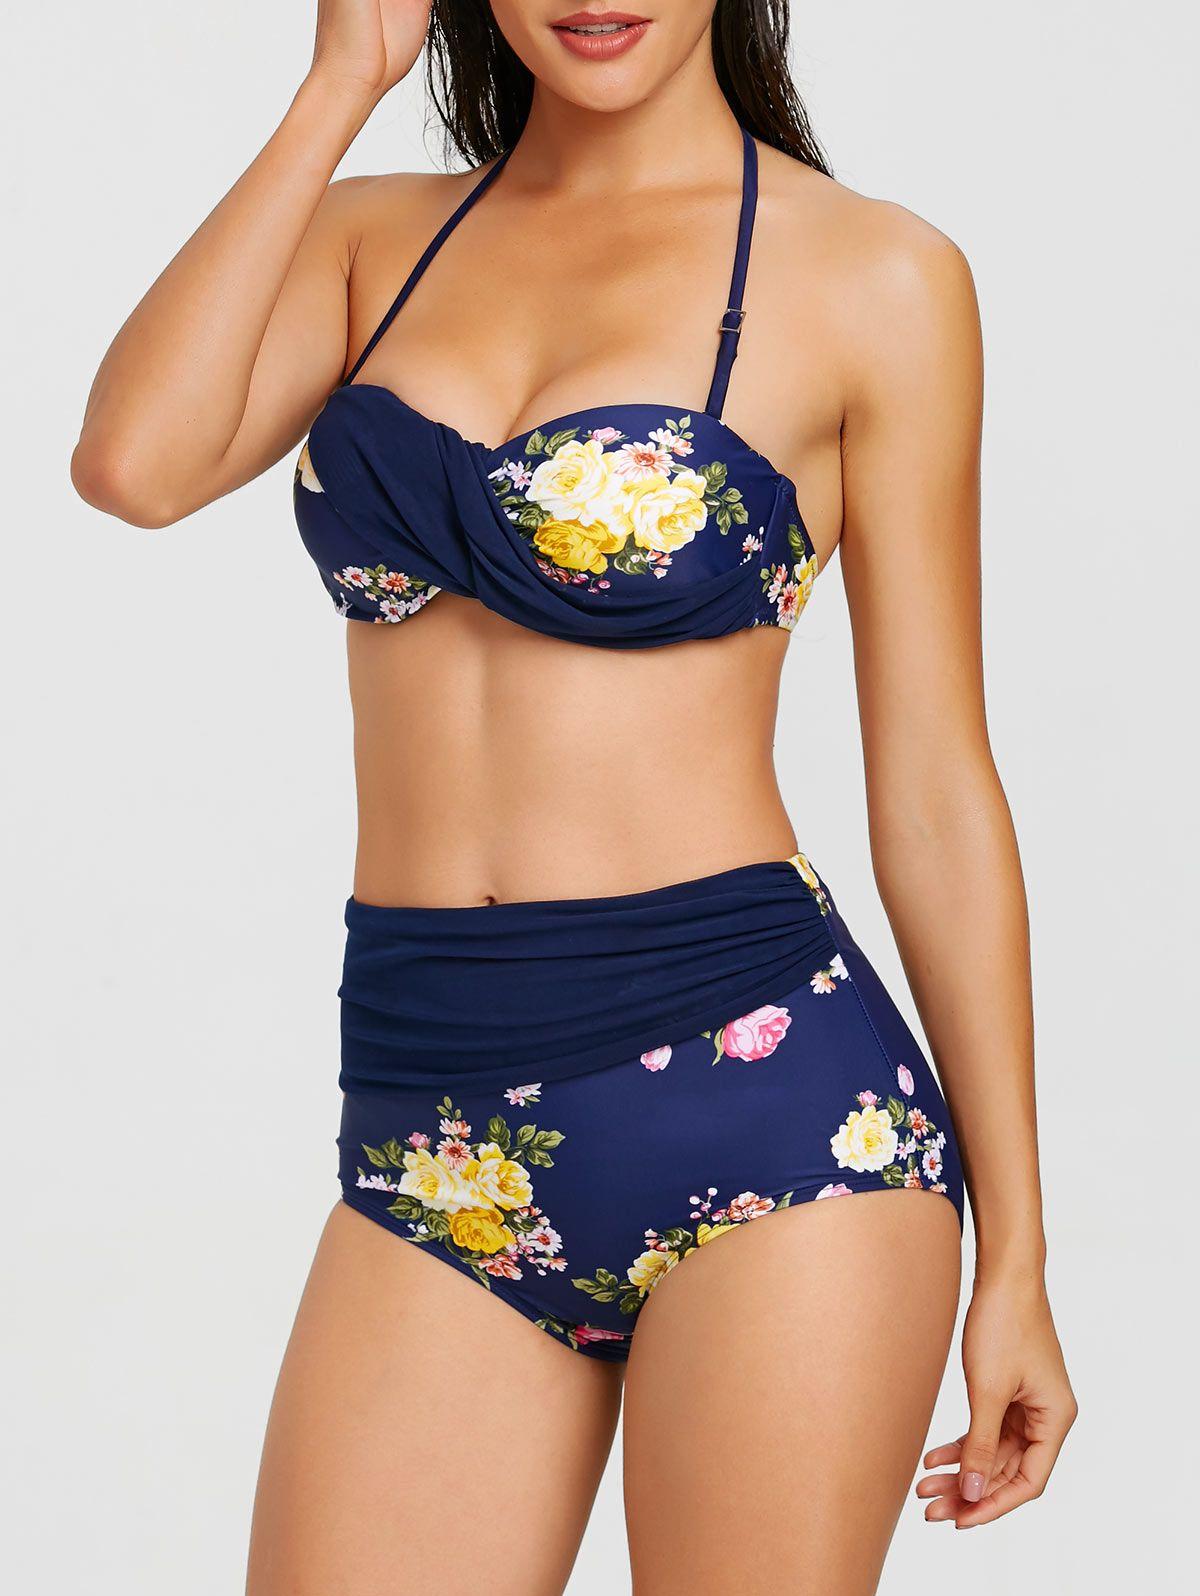 620d6dc93 Buy New Swimwear